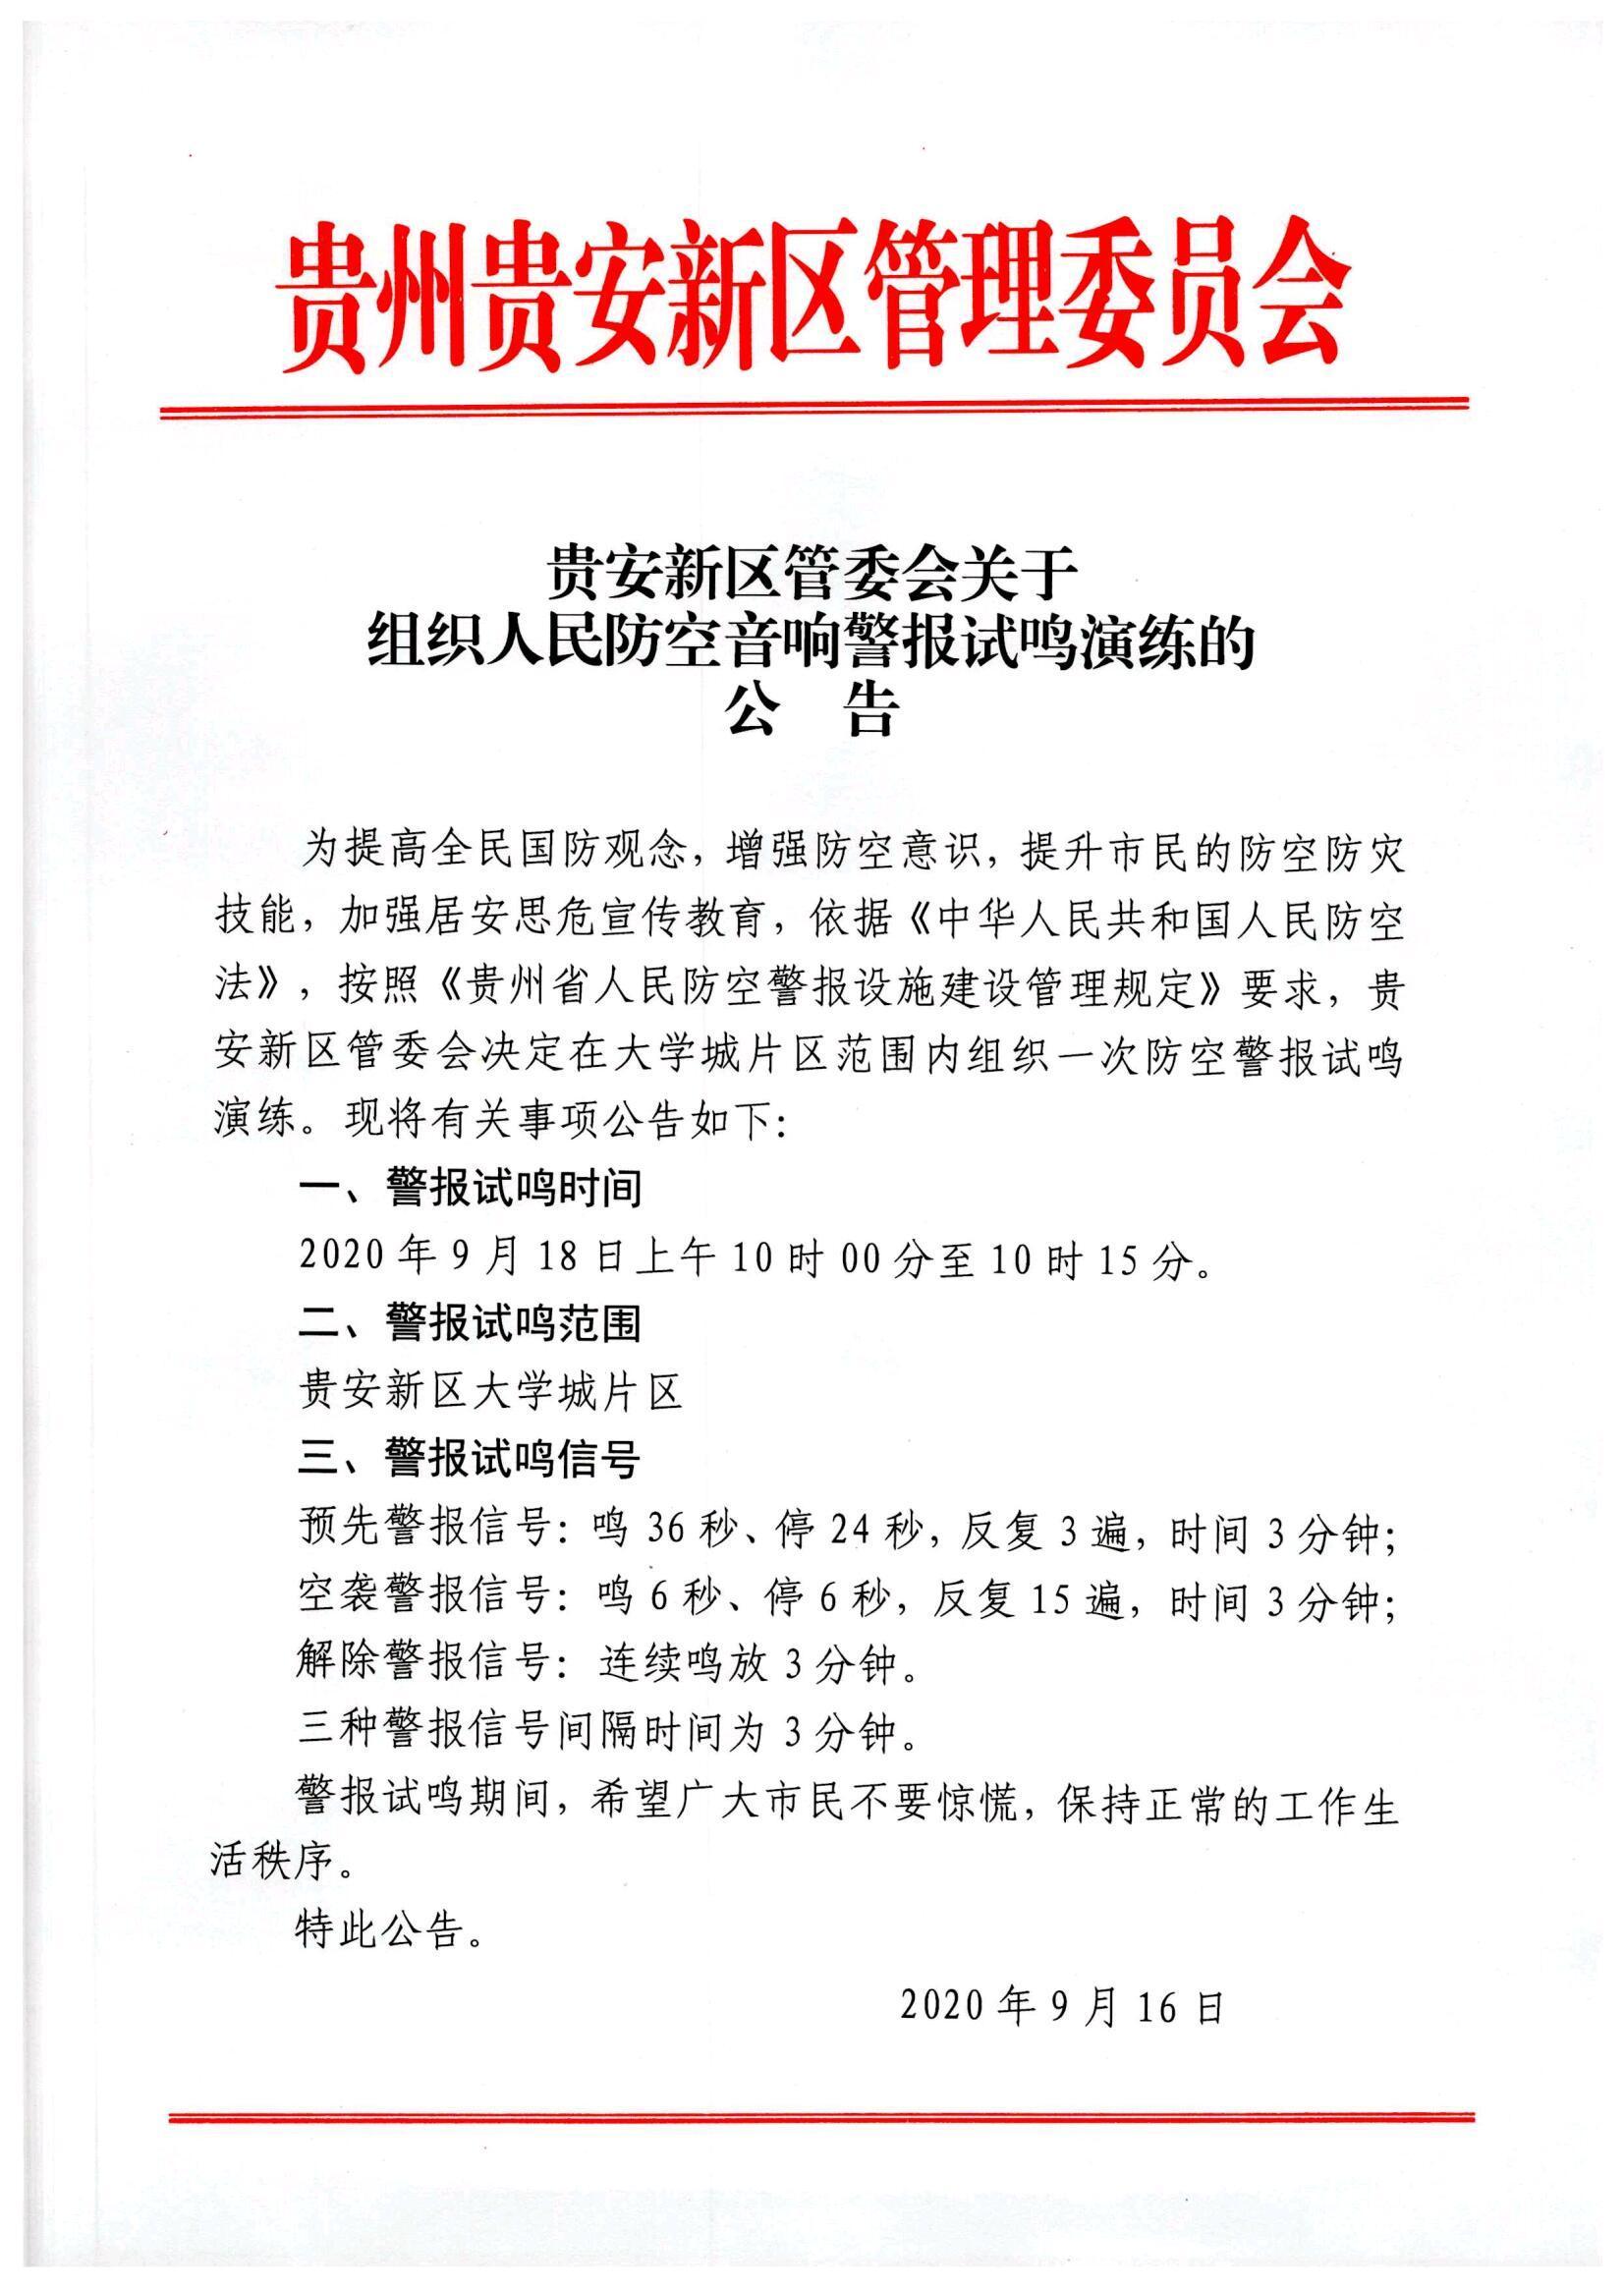 贵安新区管委会关于组织人民防空音响警报试鸣演练的公告